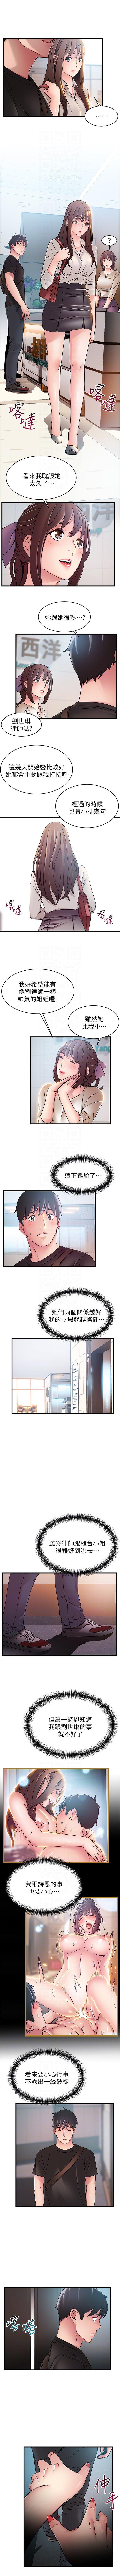 (周7)弱点 1-66 中文翻译(更新中) 301